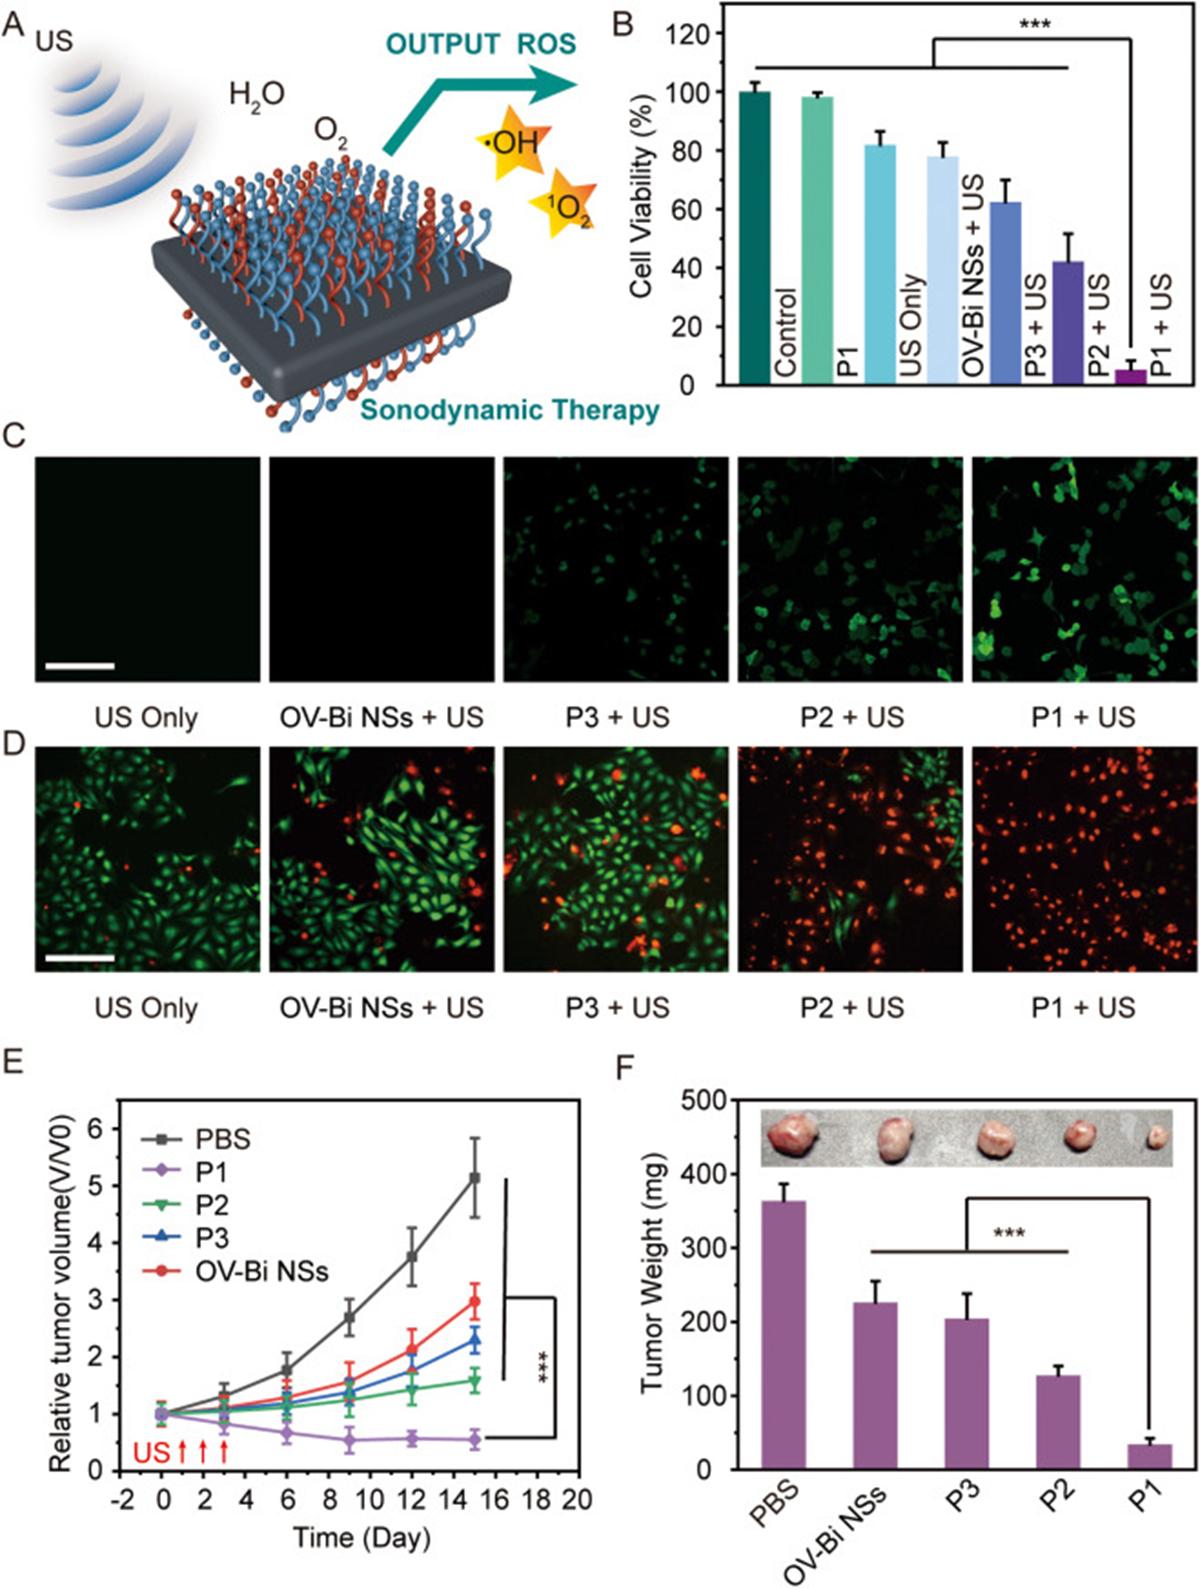 图4. BSP对胰腺癌的声动力治疗效果